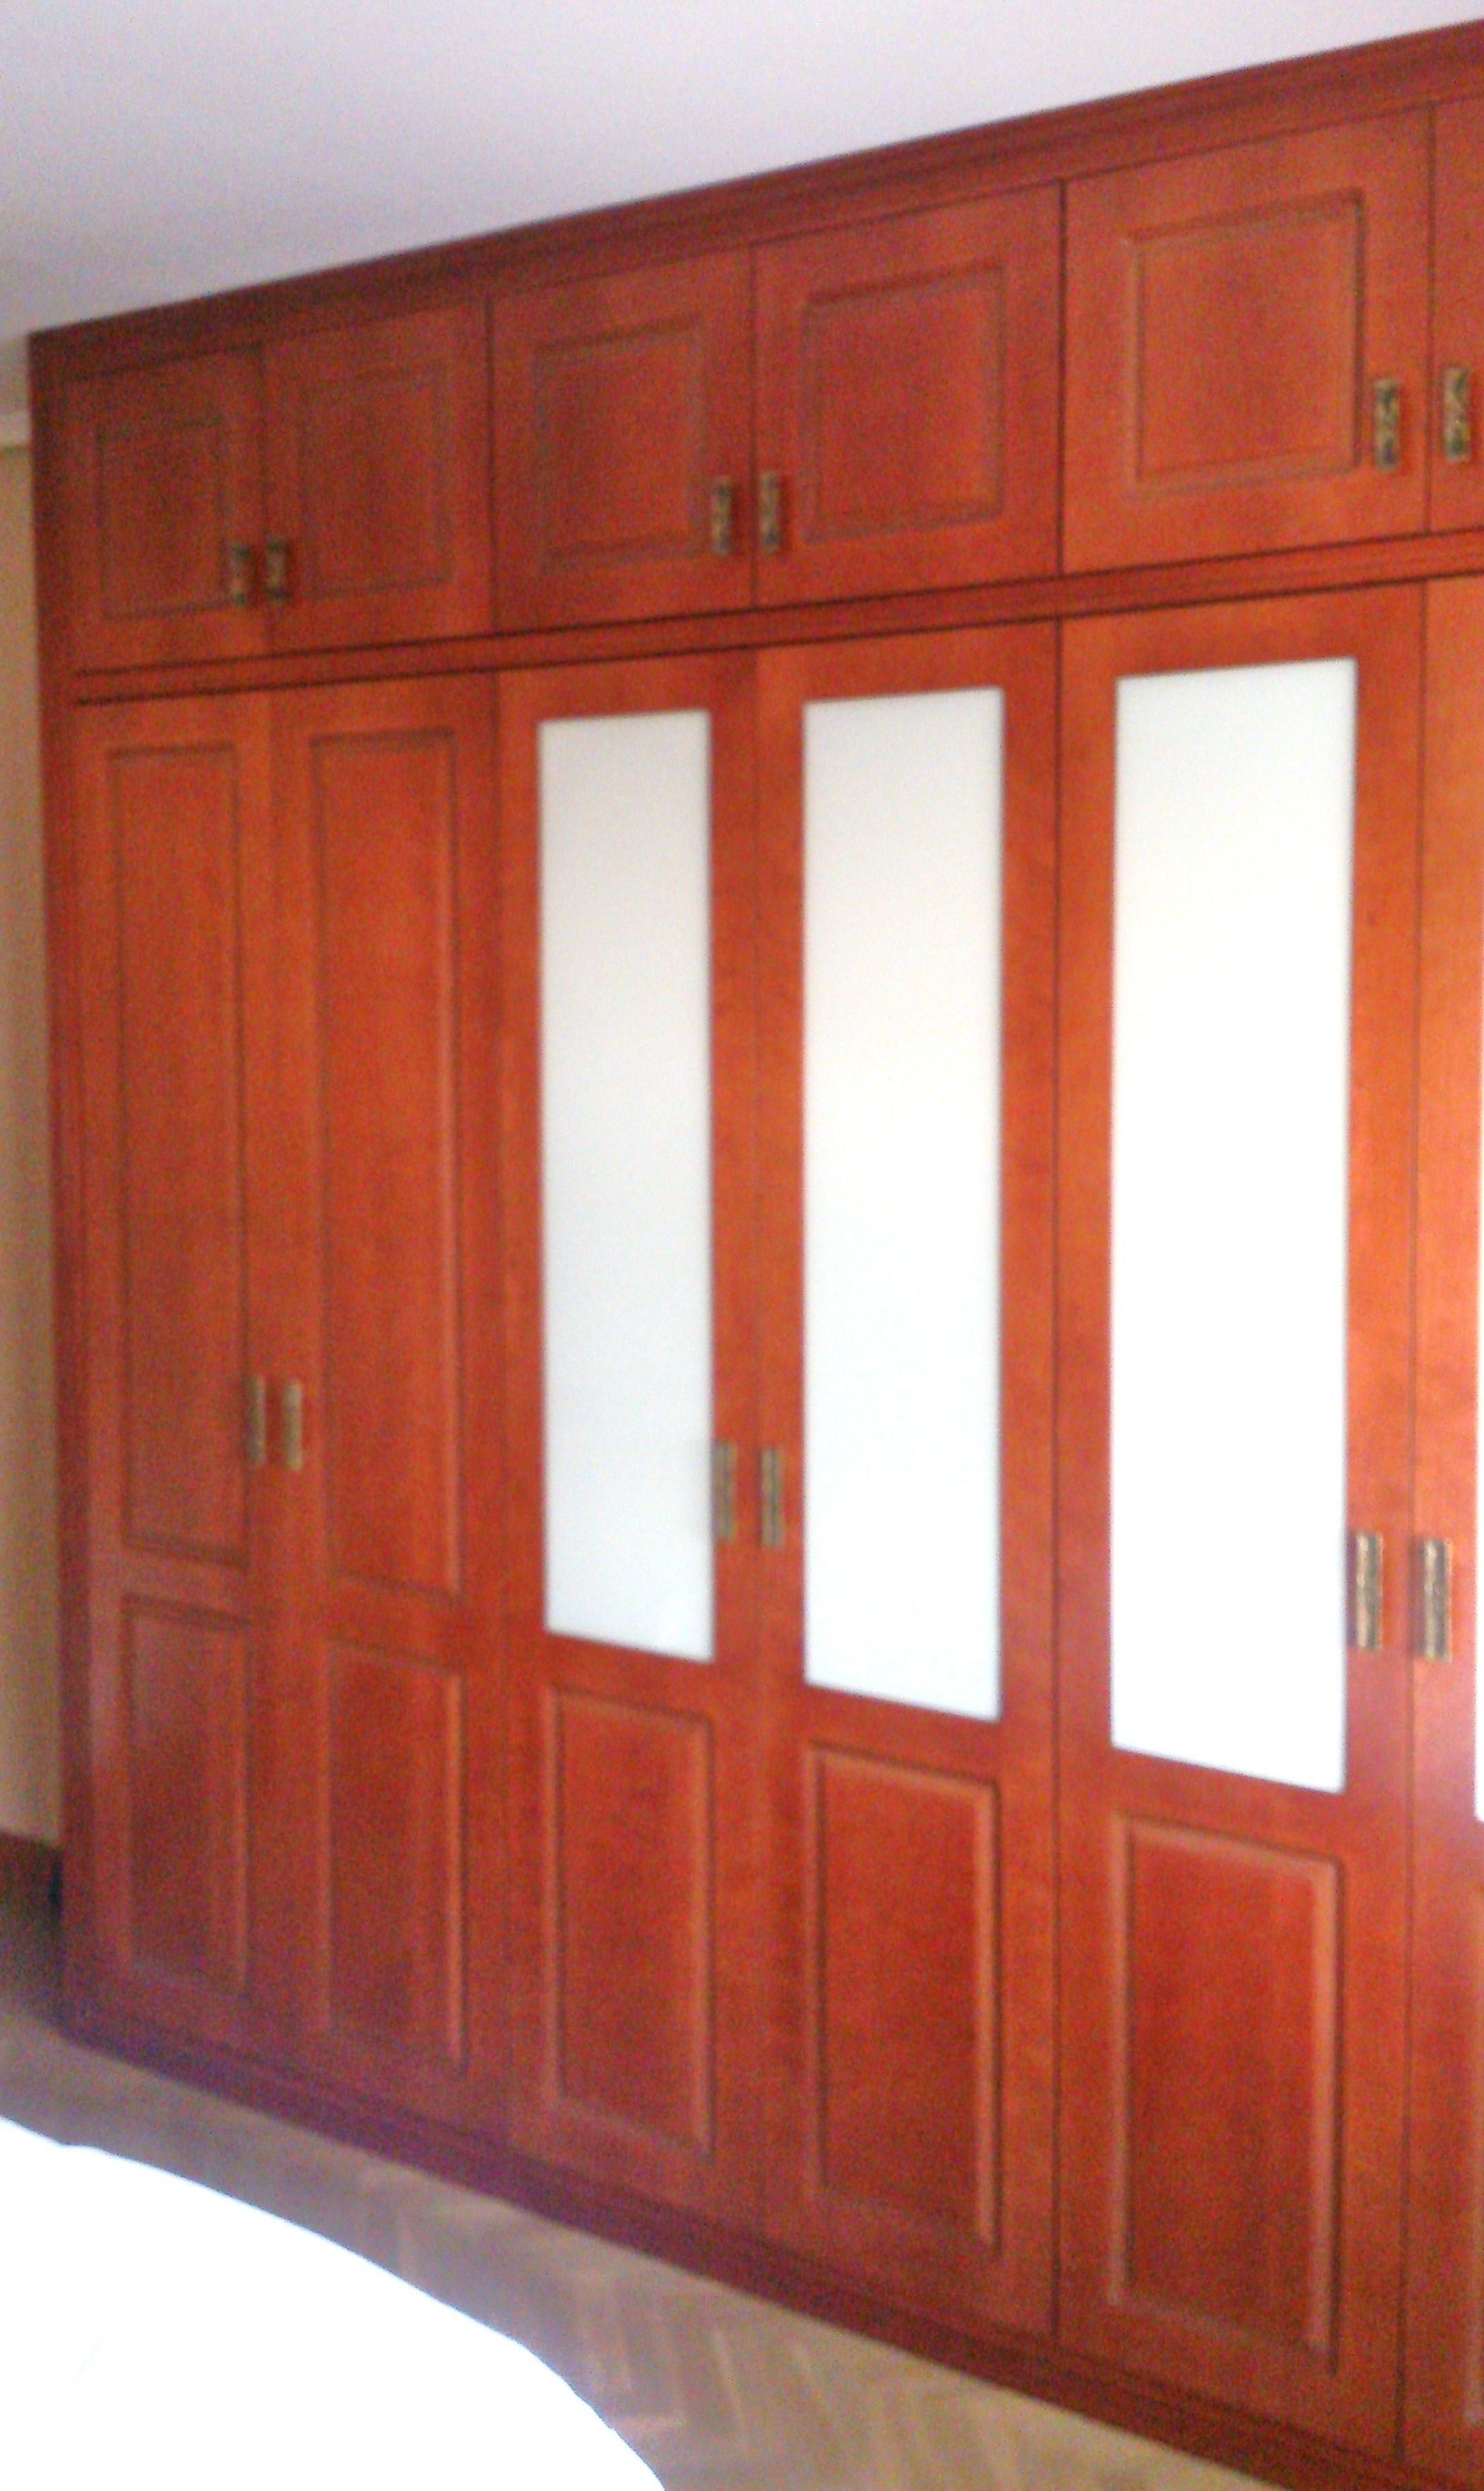 Frente de puertas abatibles pantografiadas en Cerezo.